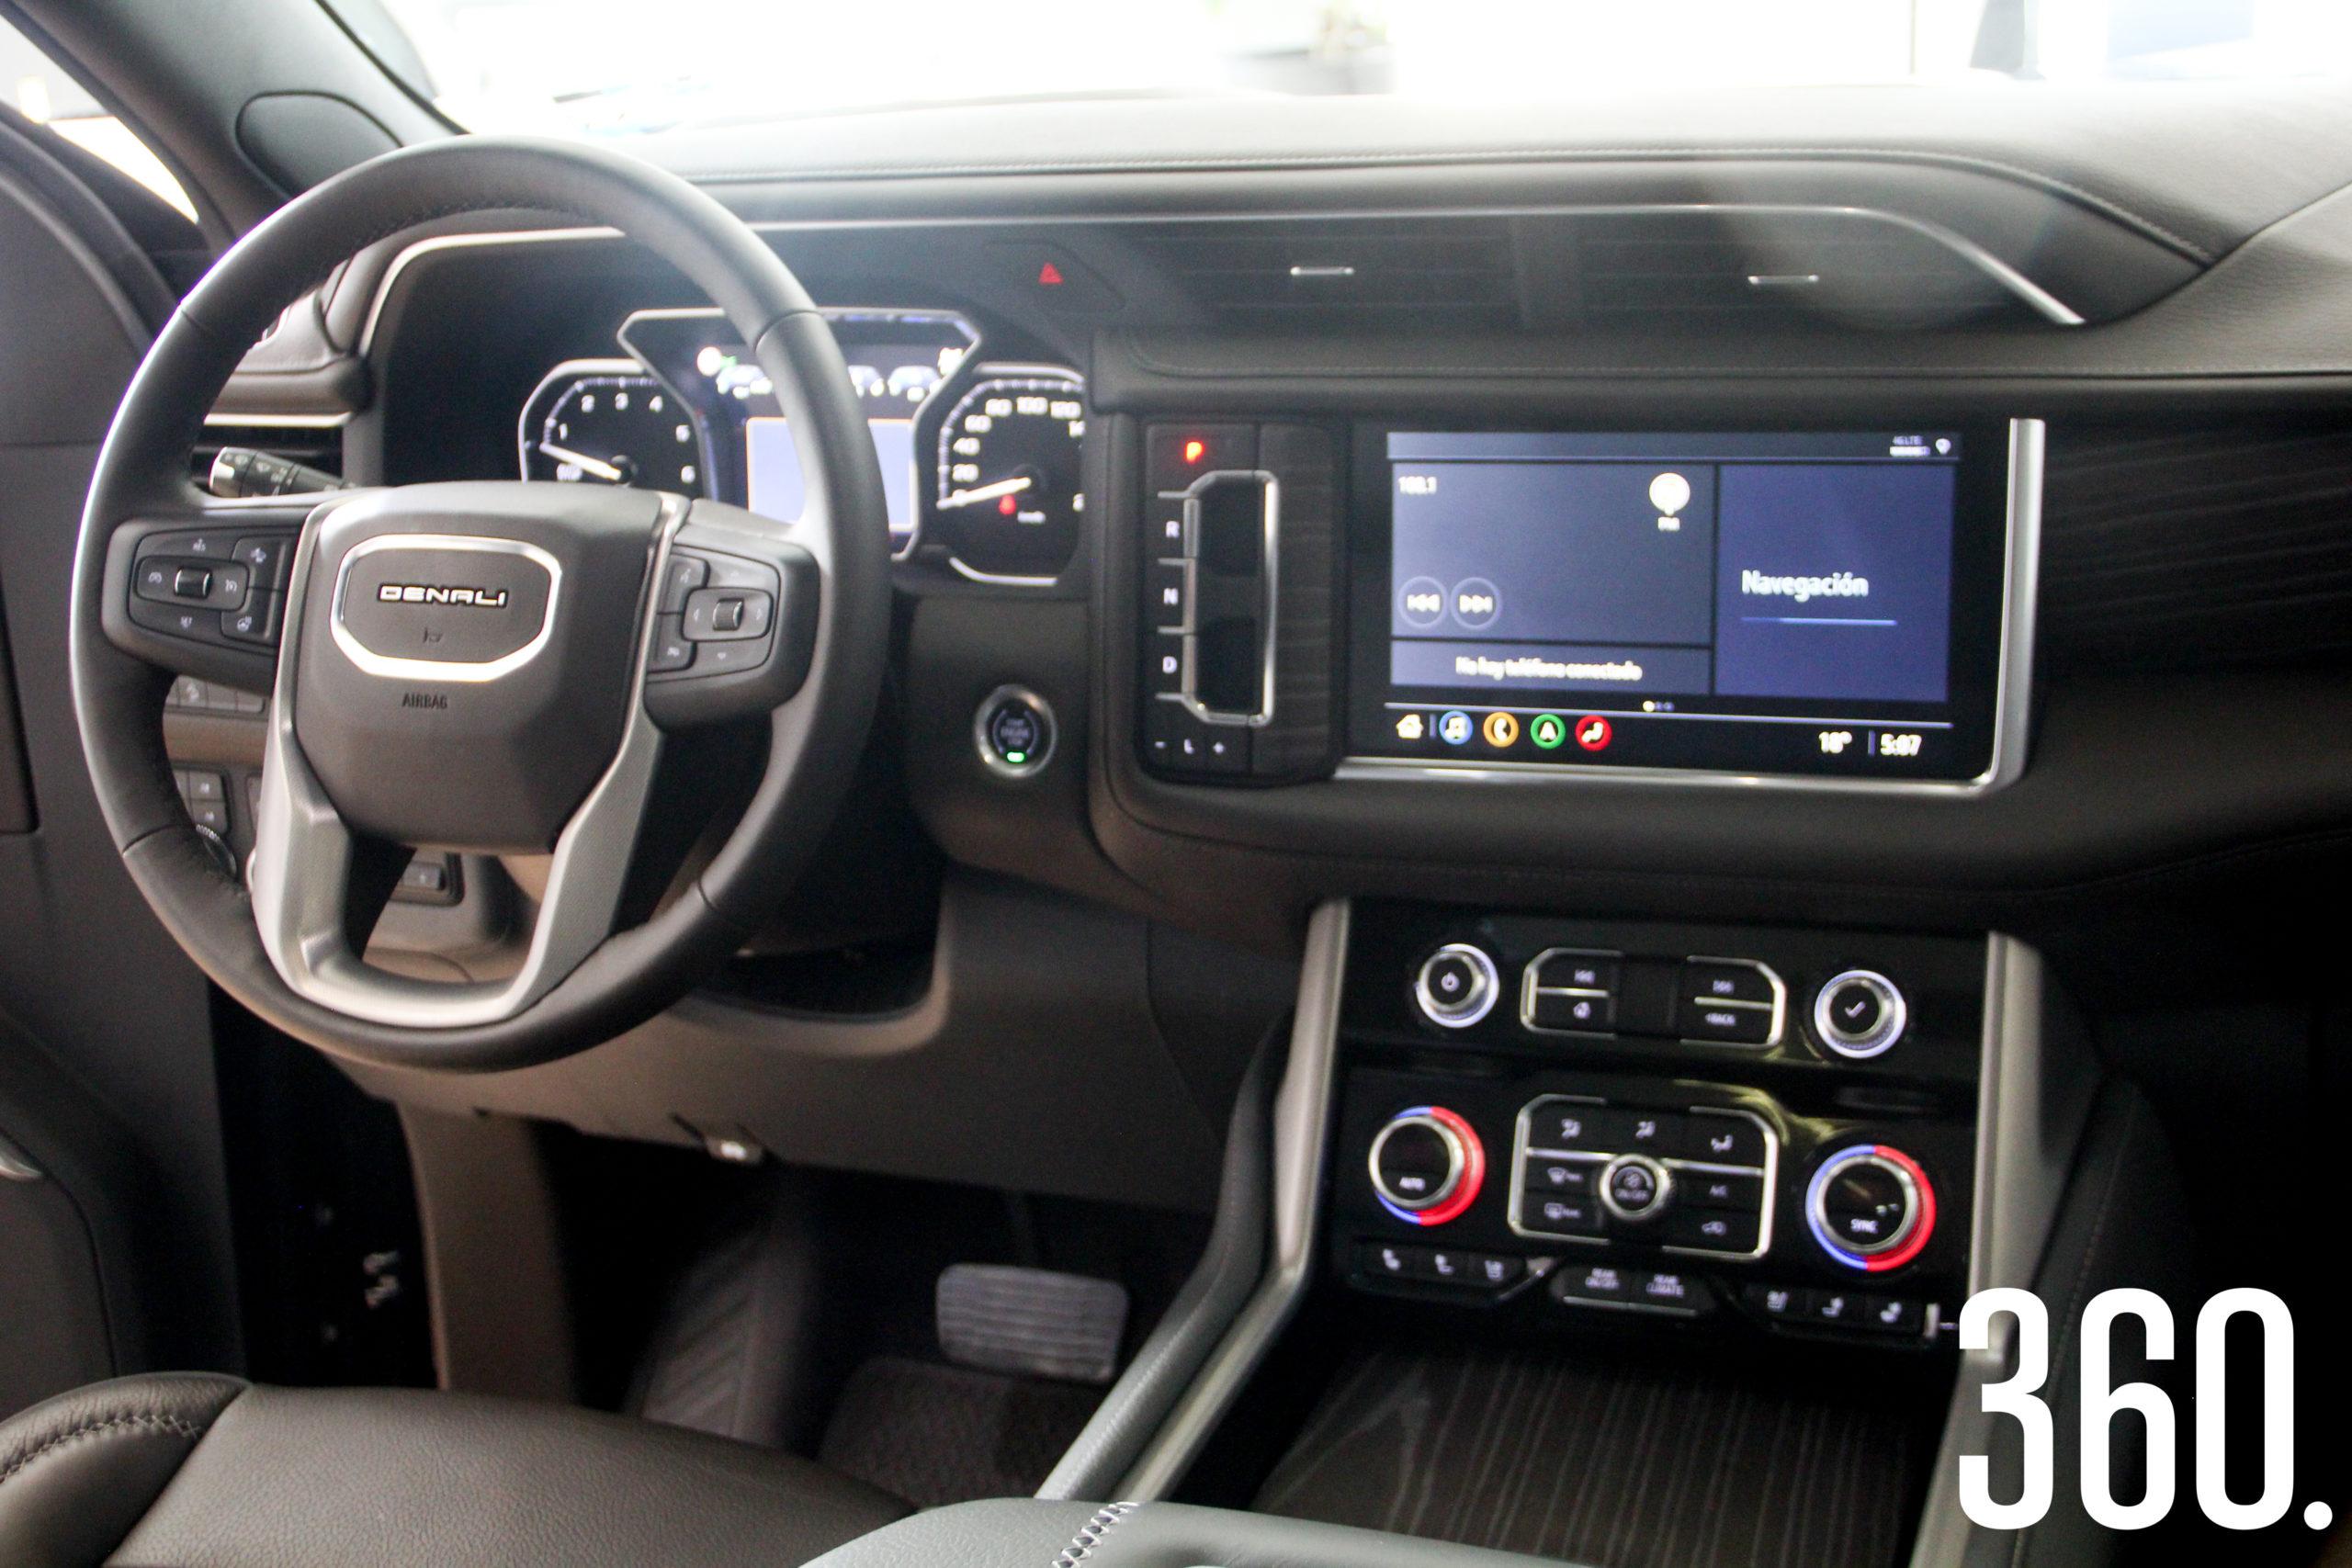 La conducción es una experiencia de confort, seguridad y satisfacción de manejo.